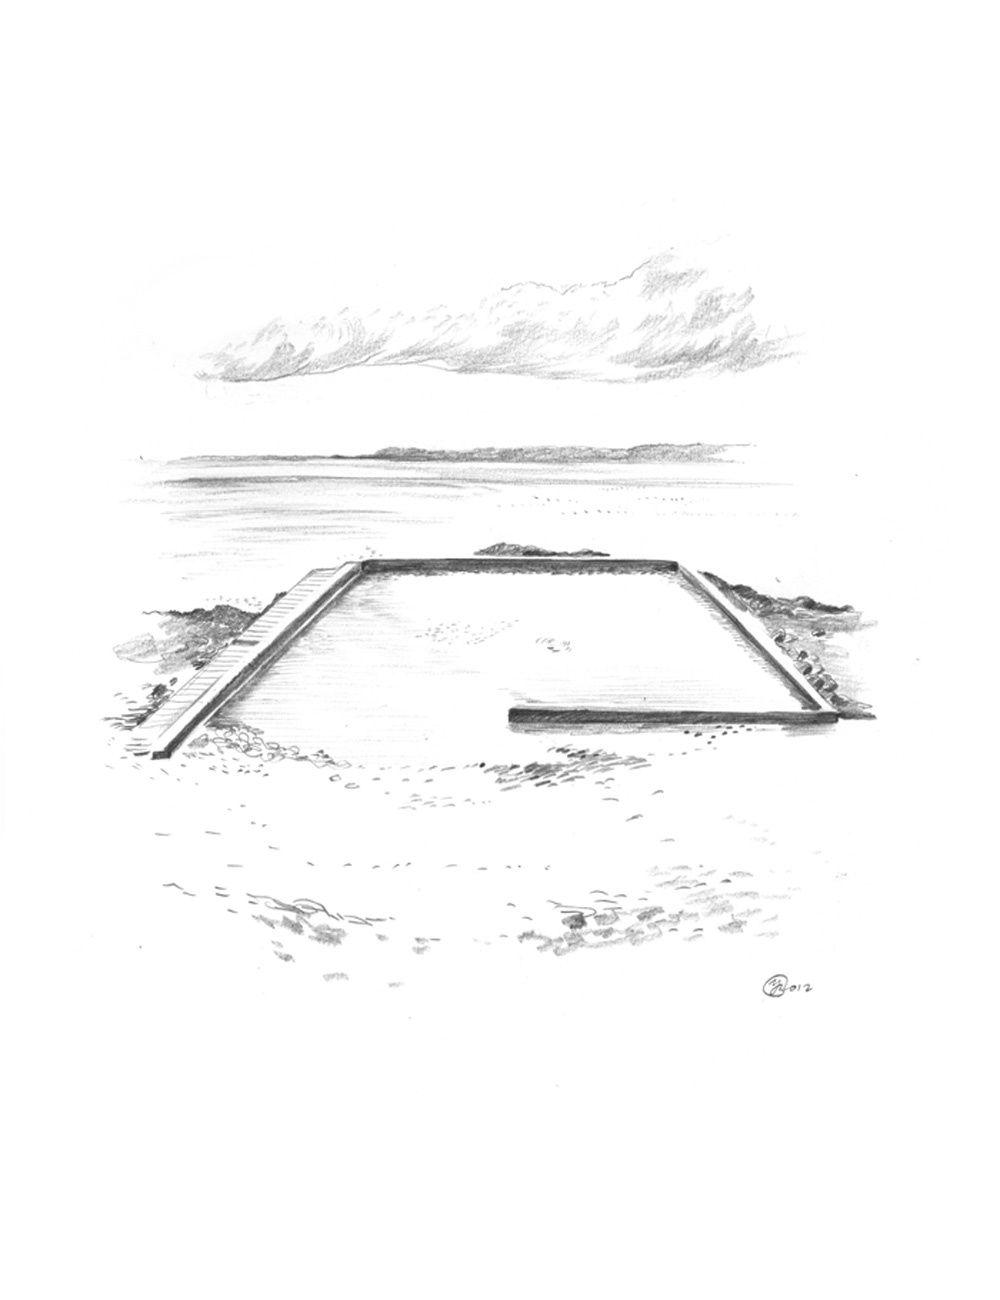 Mirages, encres de chine sur papier, 36 x 48 cm et 24 x 32 cm, à Cancale, Septembre 2012